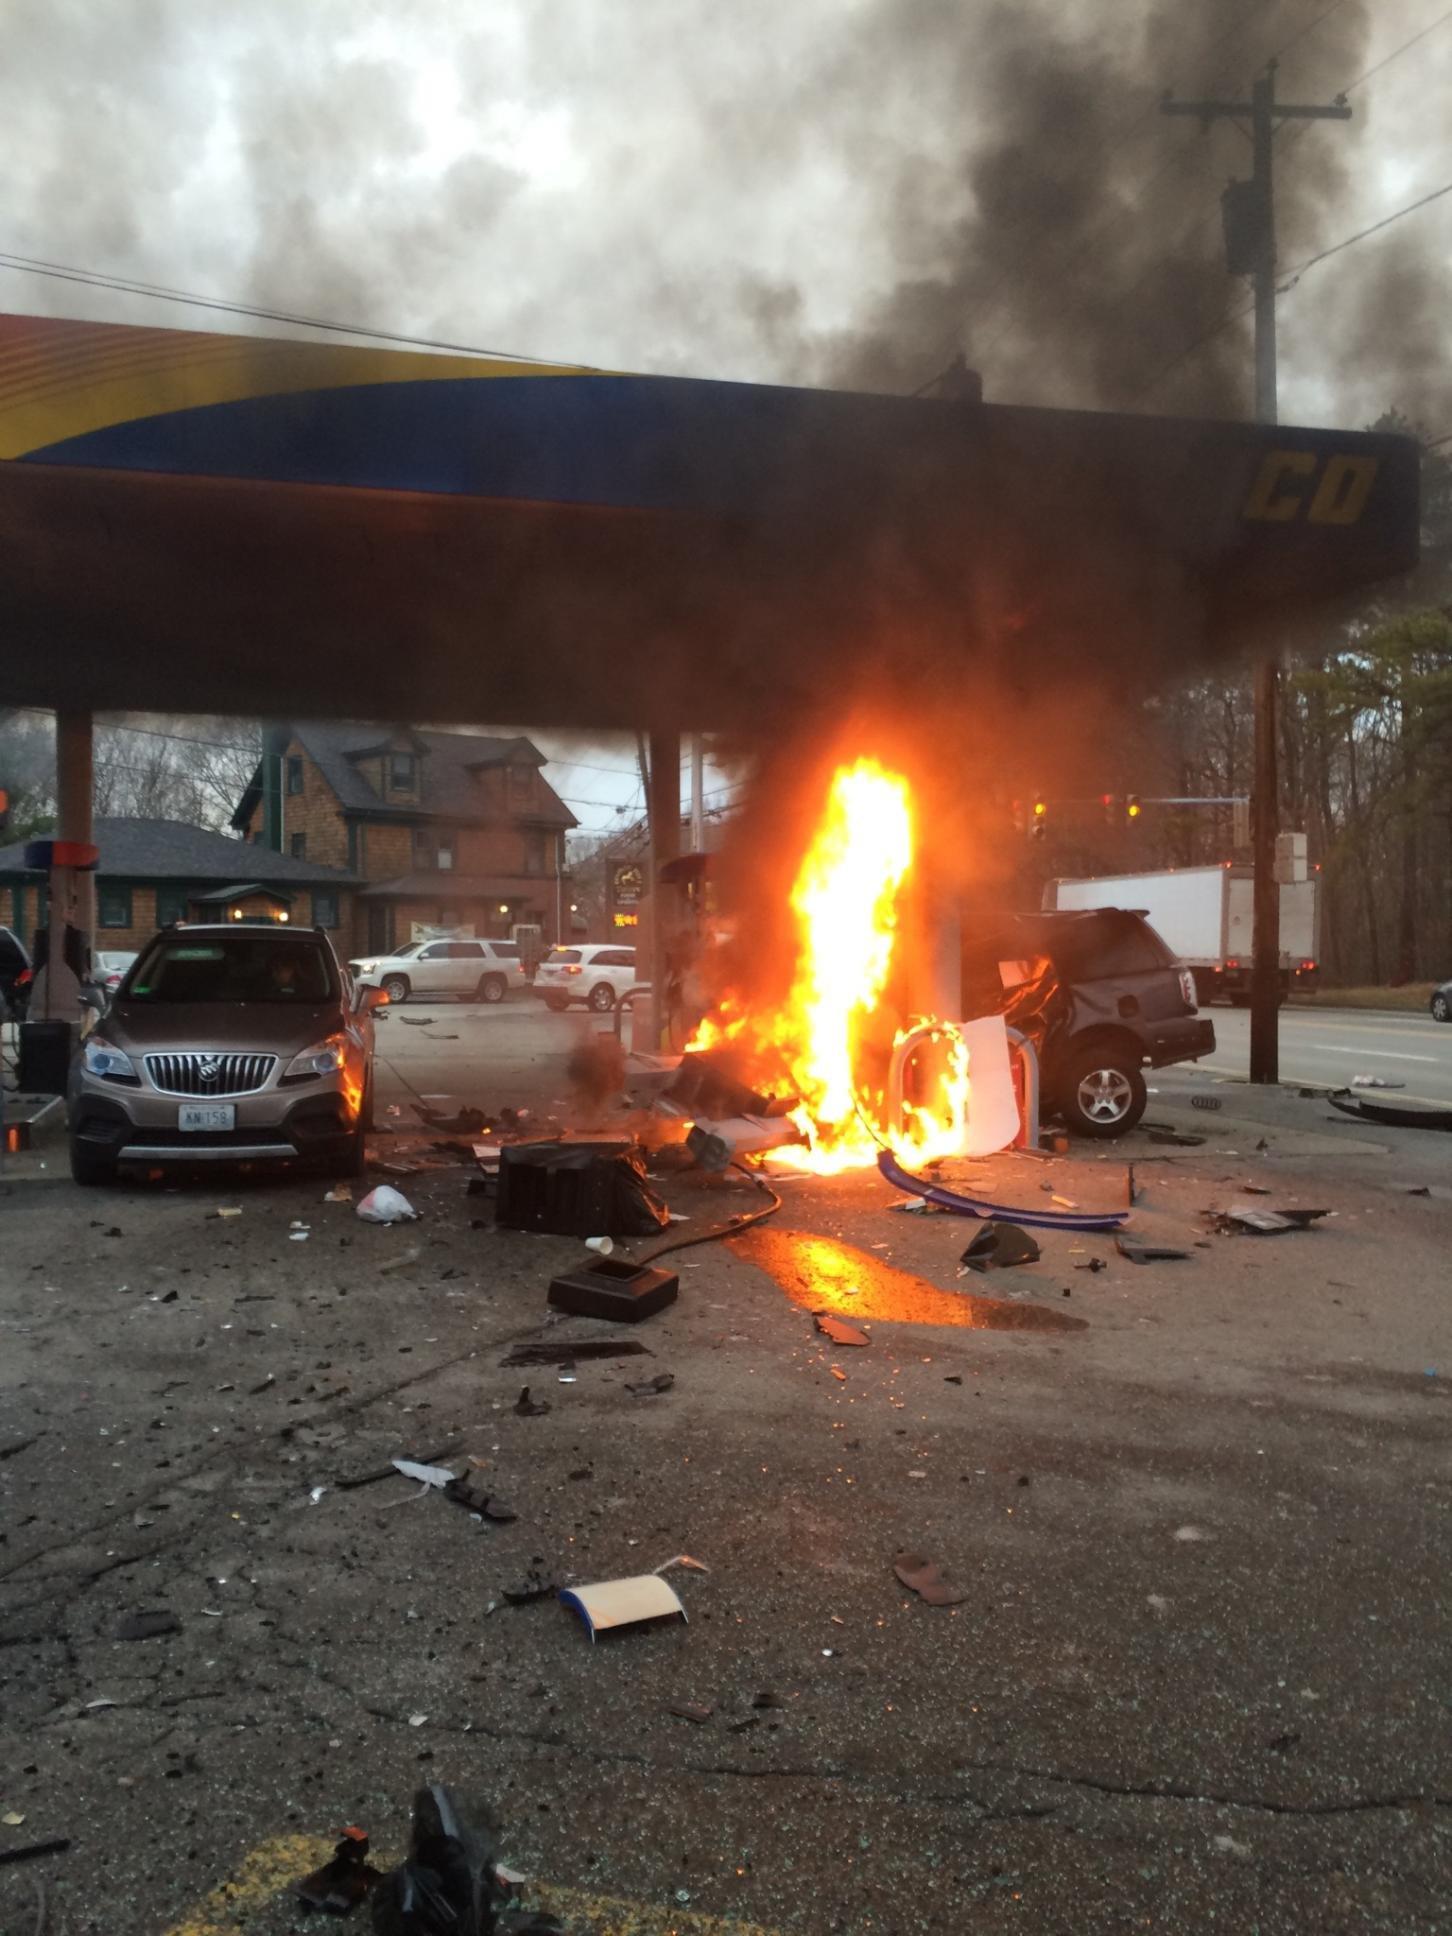 Update 2 Dead After Car Crash At Johnston Gas Station